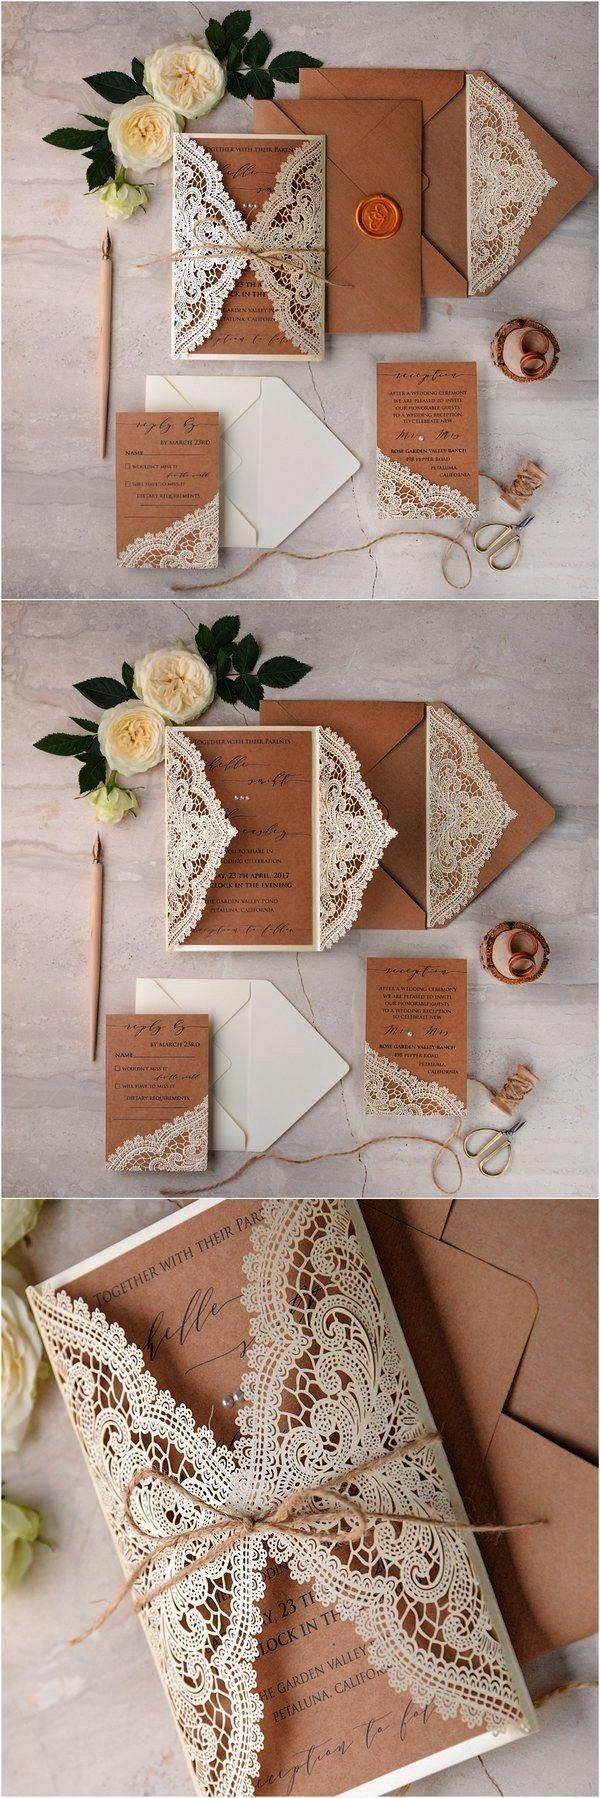 Traditional wedding decor ideas 2018  Funny Wedding Cards Amazon DIY Wedding Invitations Step By Step